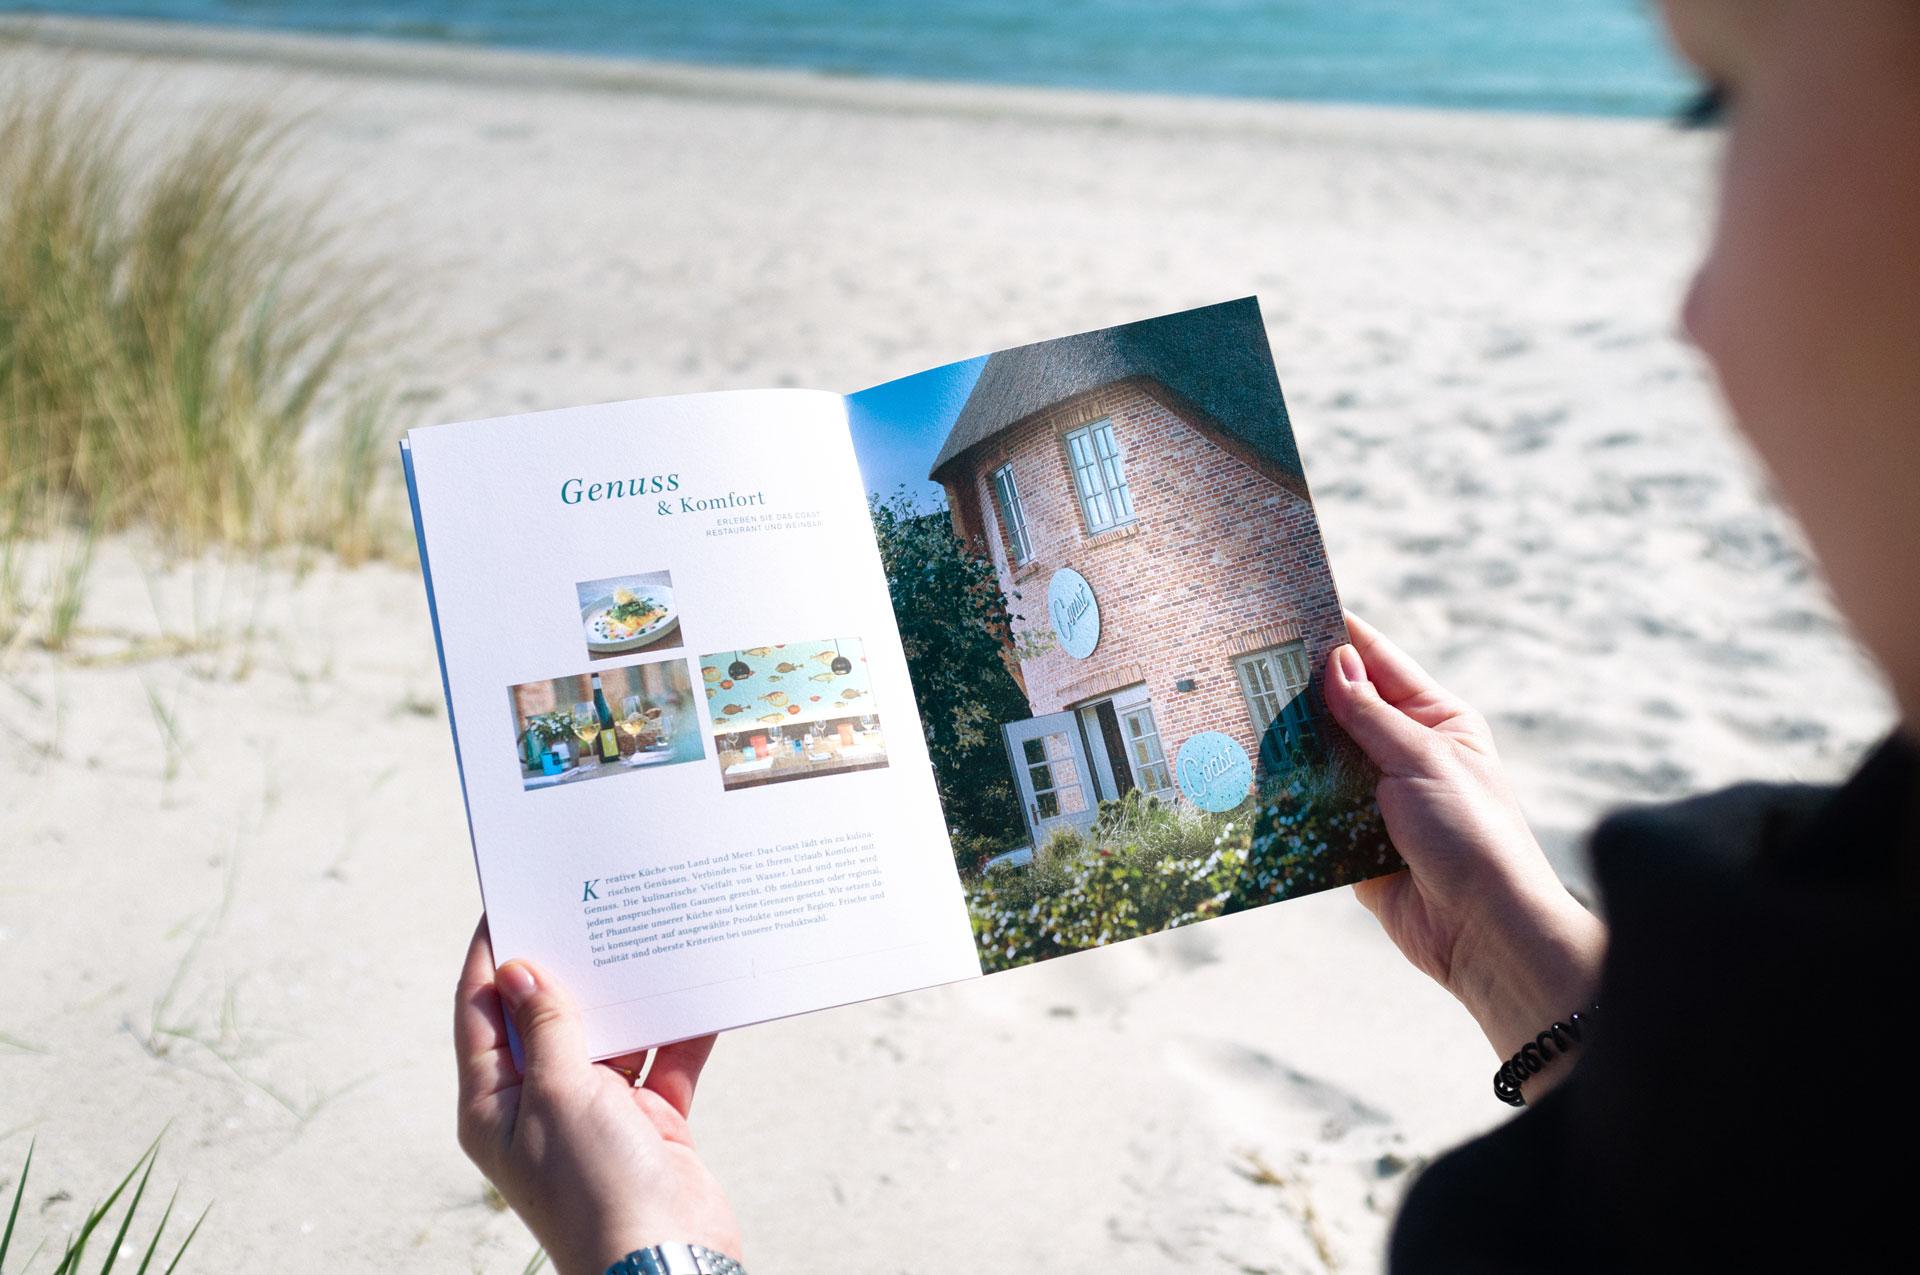 Informationsheft mit großen Bildern und ansprechendem Design für das Restaurant Coast in Rantum auf Sylt